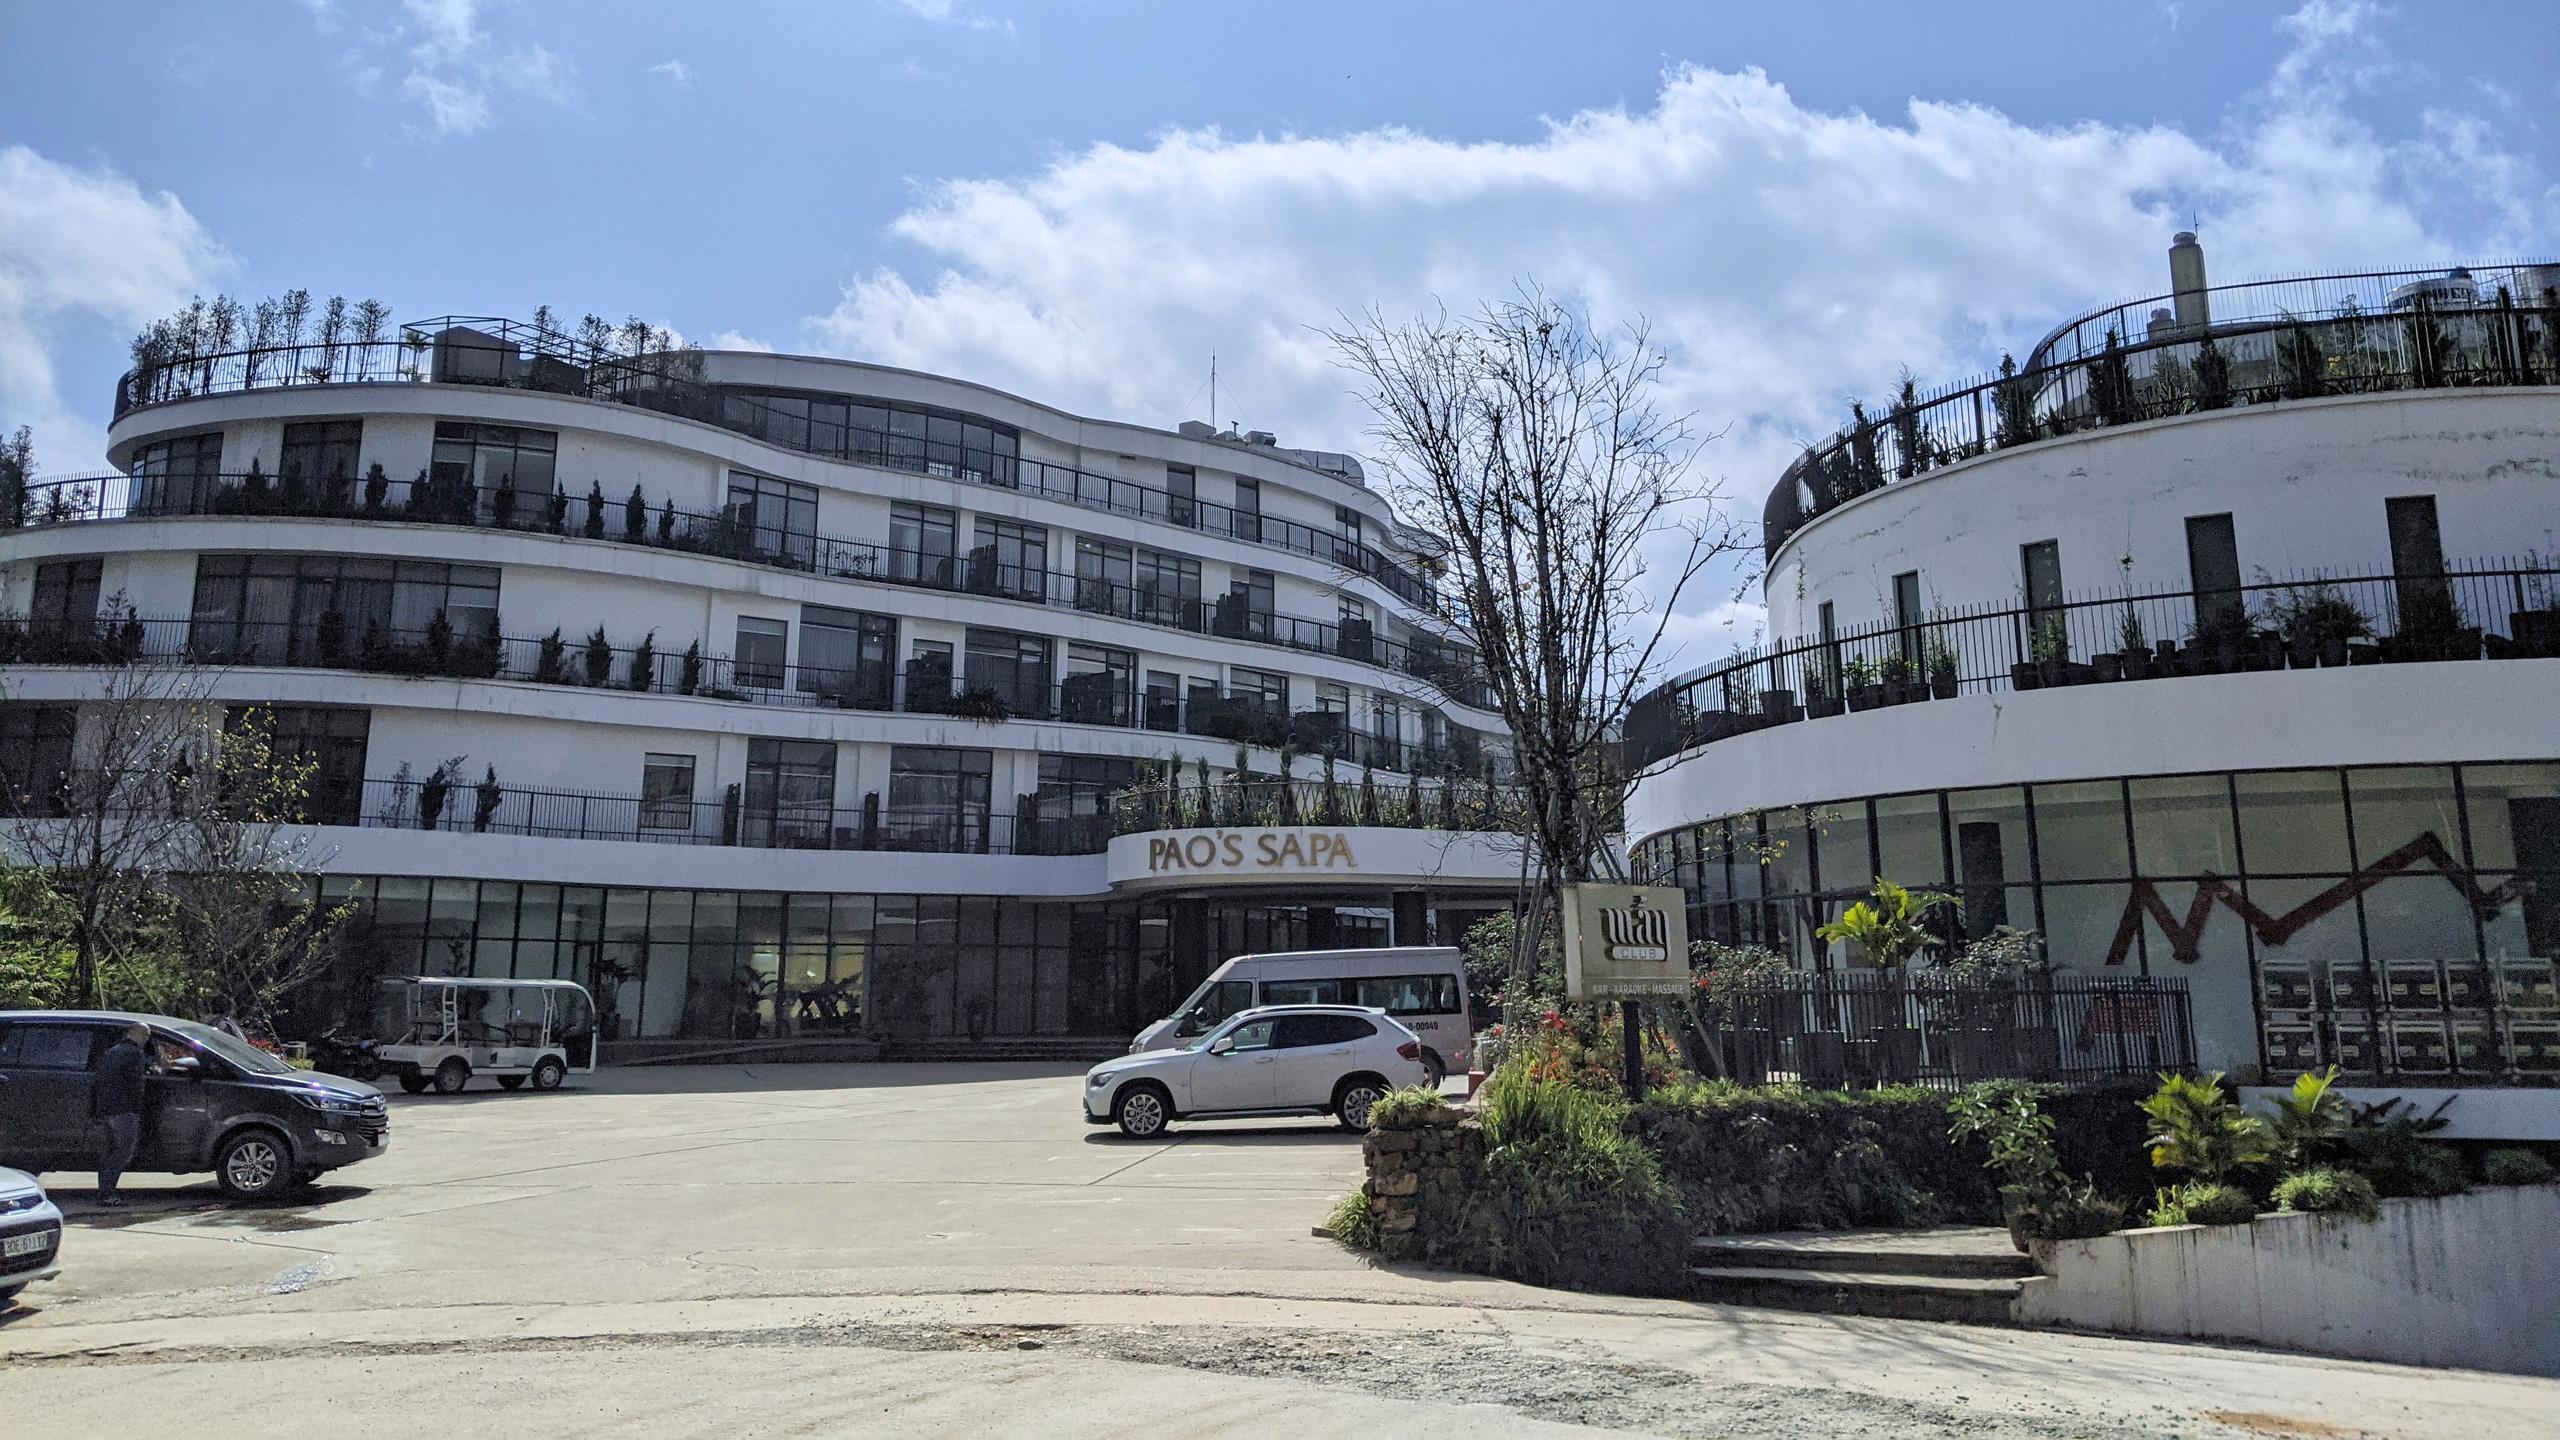 Những dự án bất động sản nghỉ dưỡng lớn đang hiện diện ở Sa Pa - Ảnh 17.